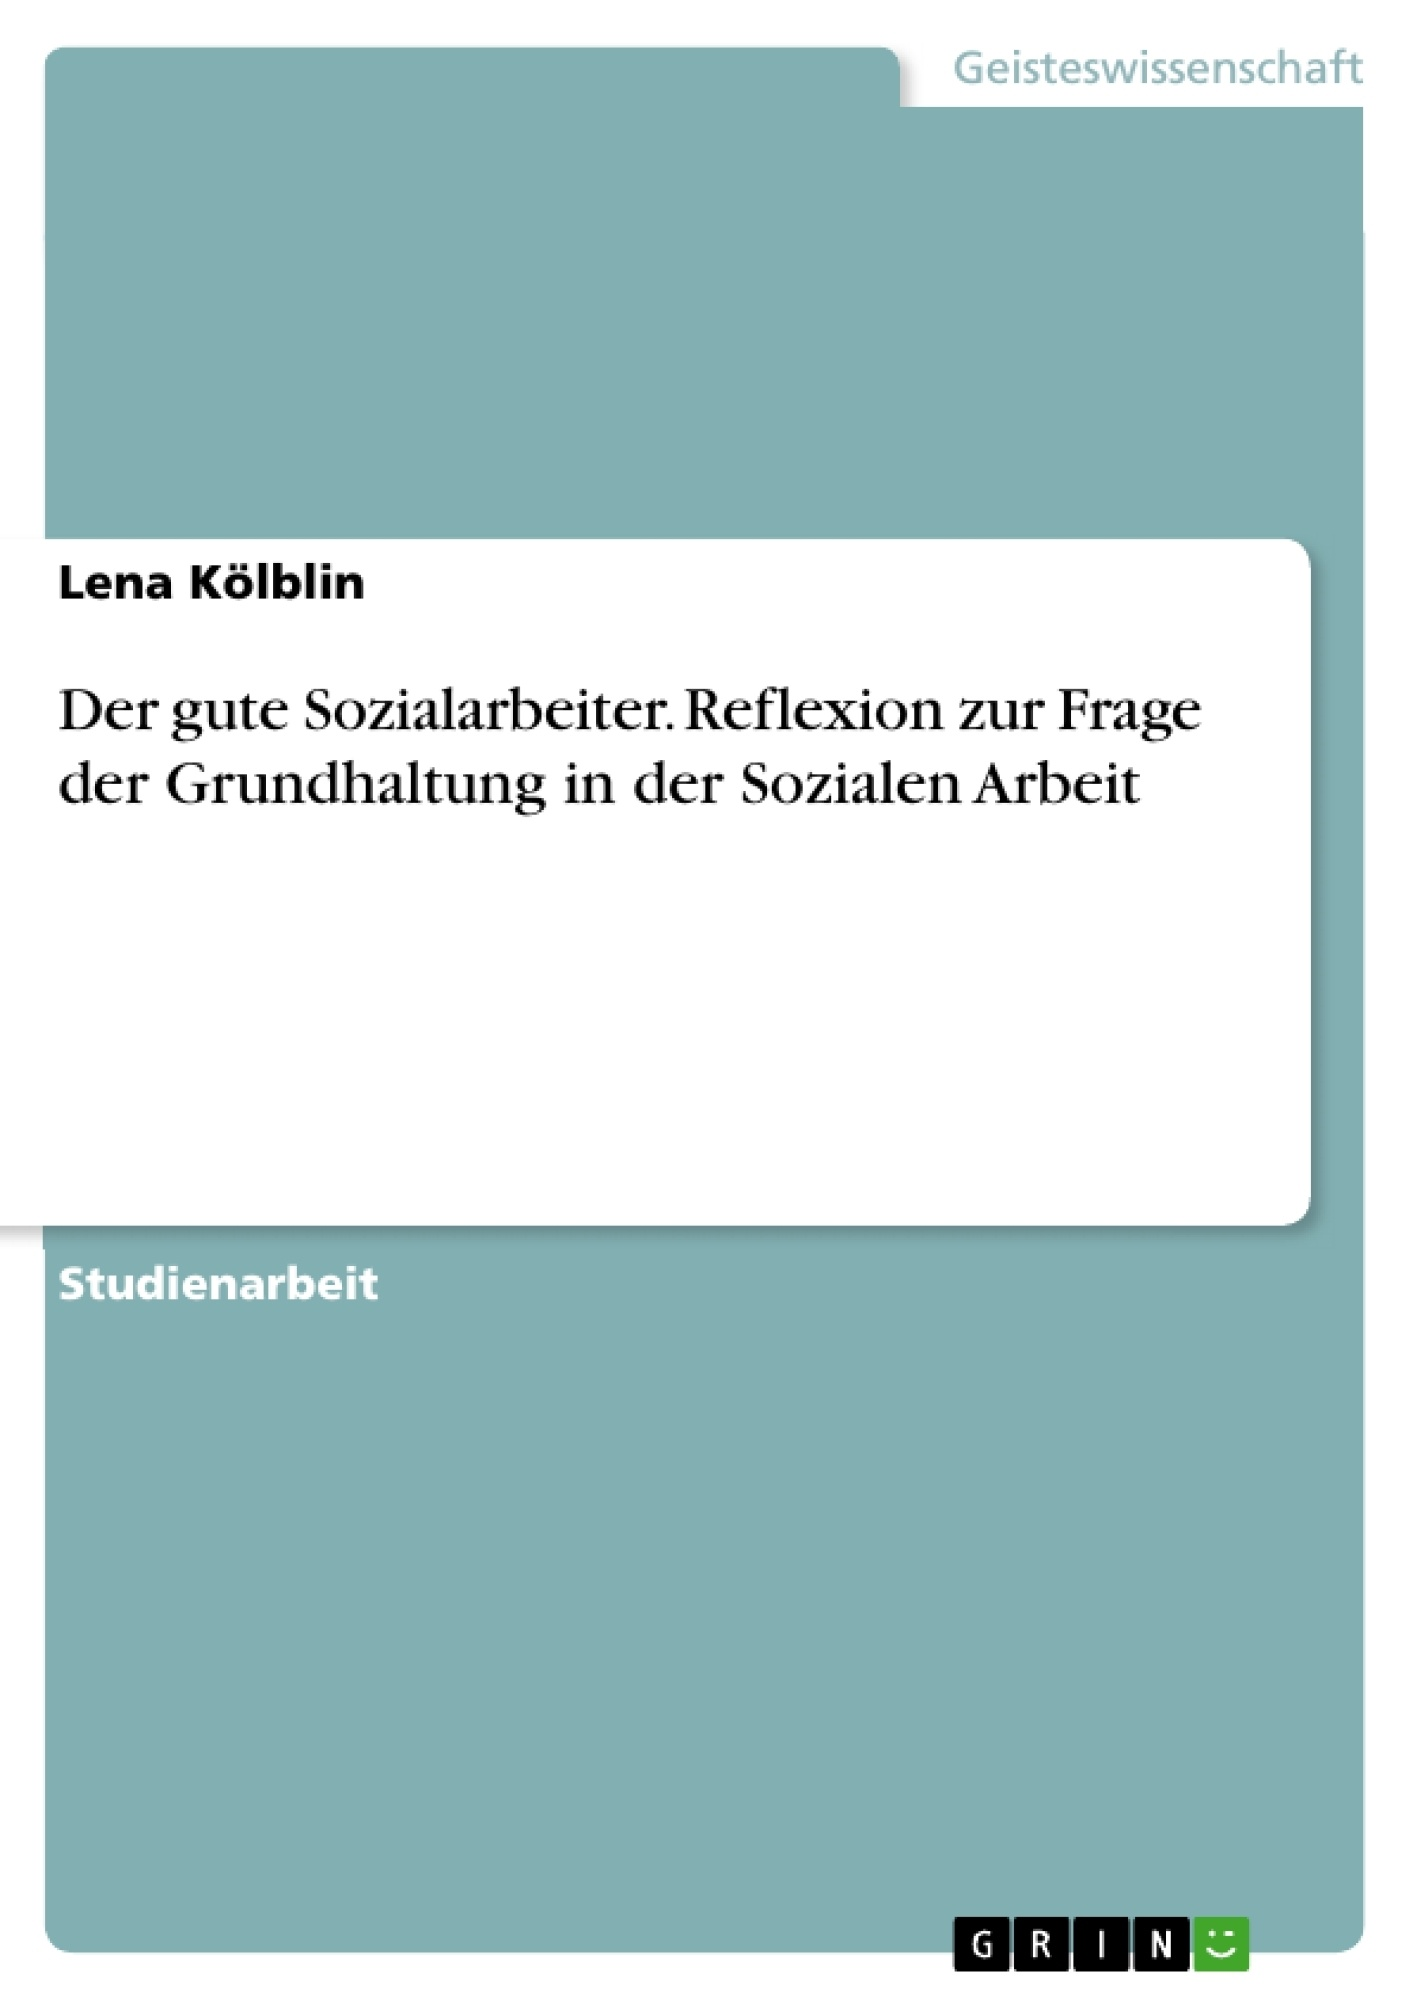 Titel: Der gute Sozialarbeiter. Reflexion zur Frage der Grundhaltung in der Sozialen Arbeit